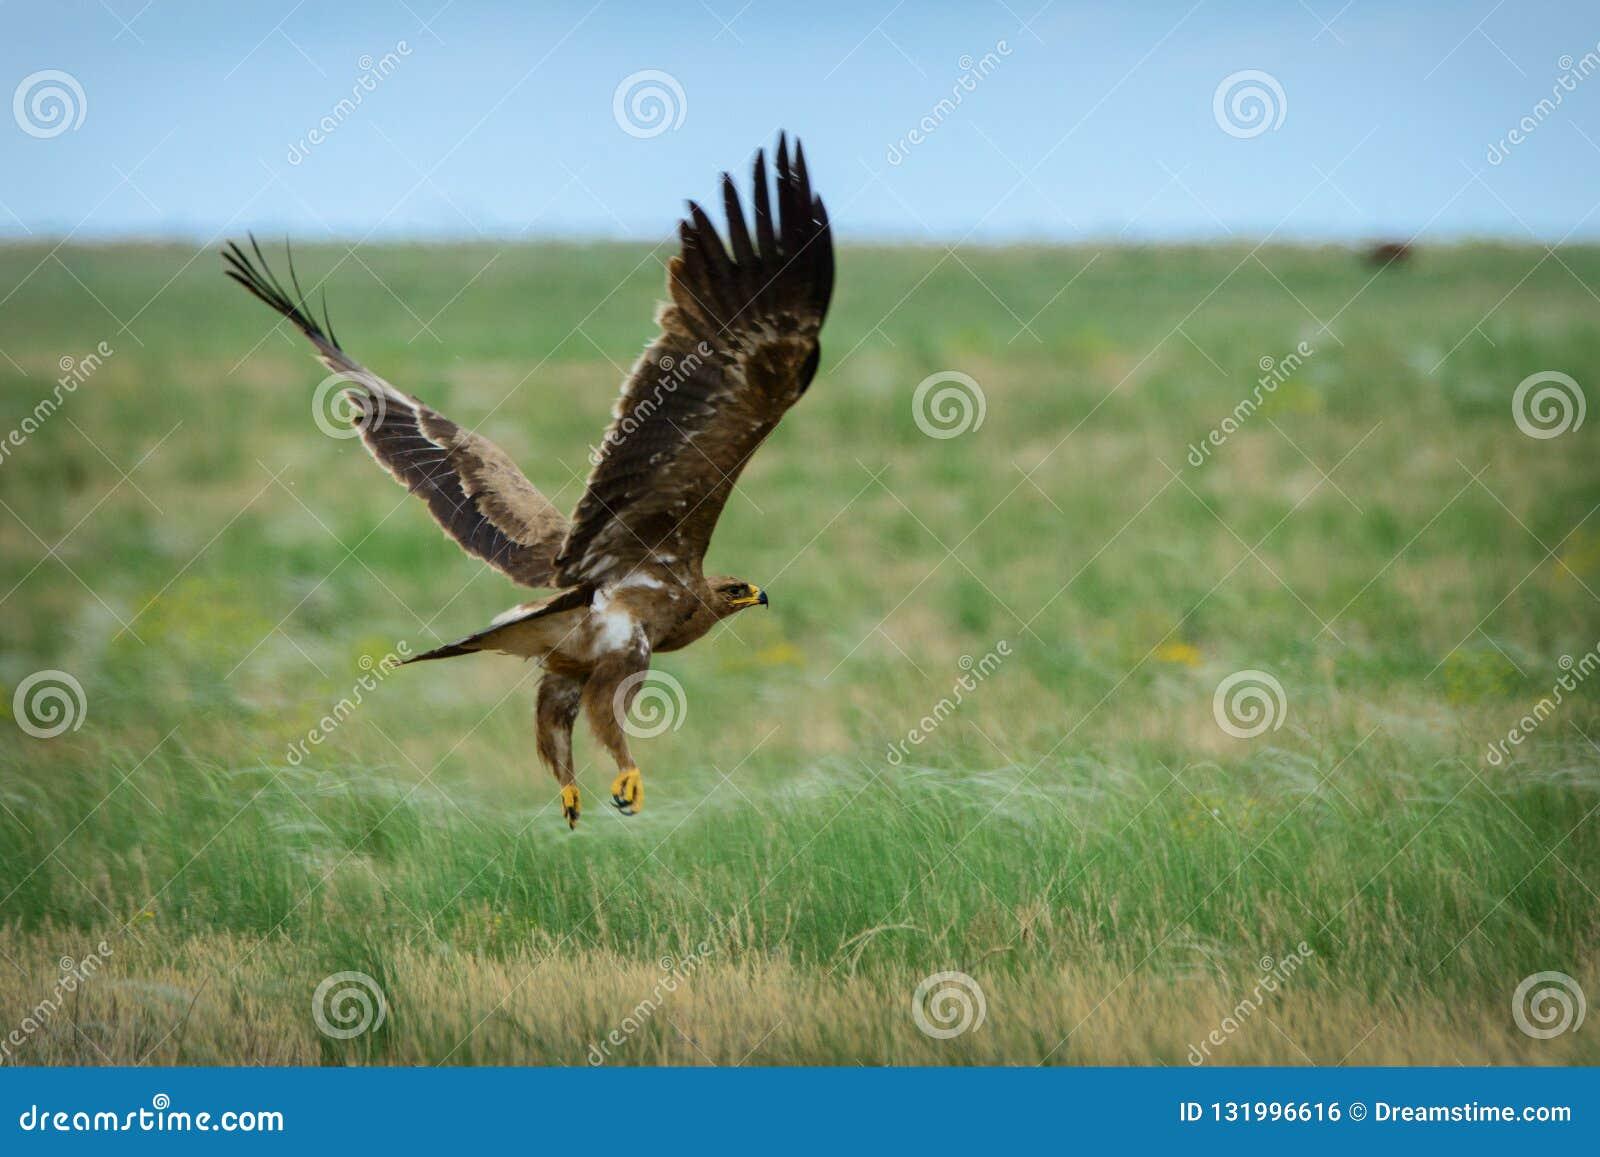 Steppe eagle flying